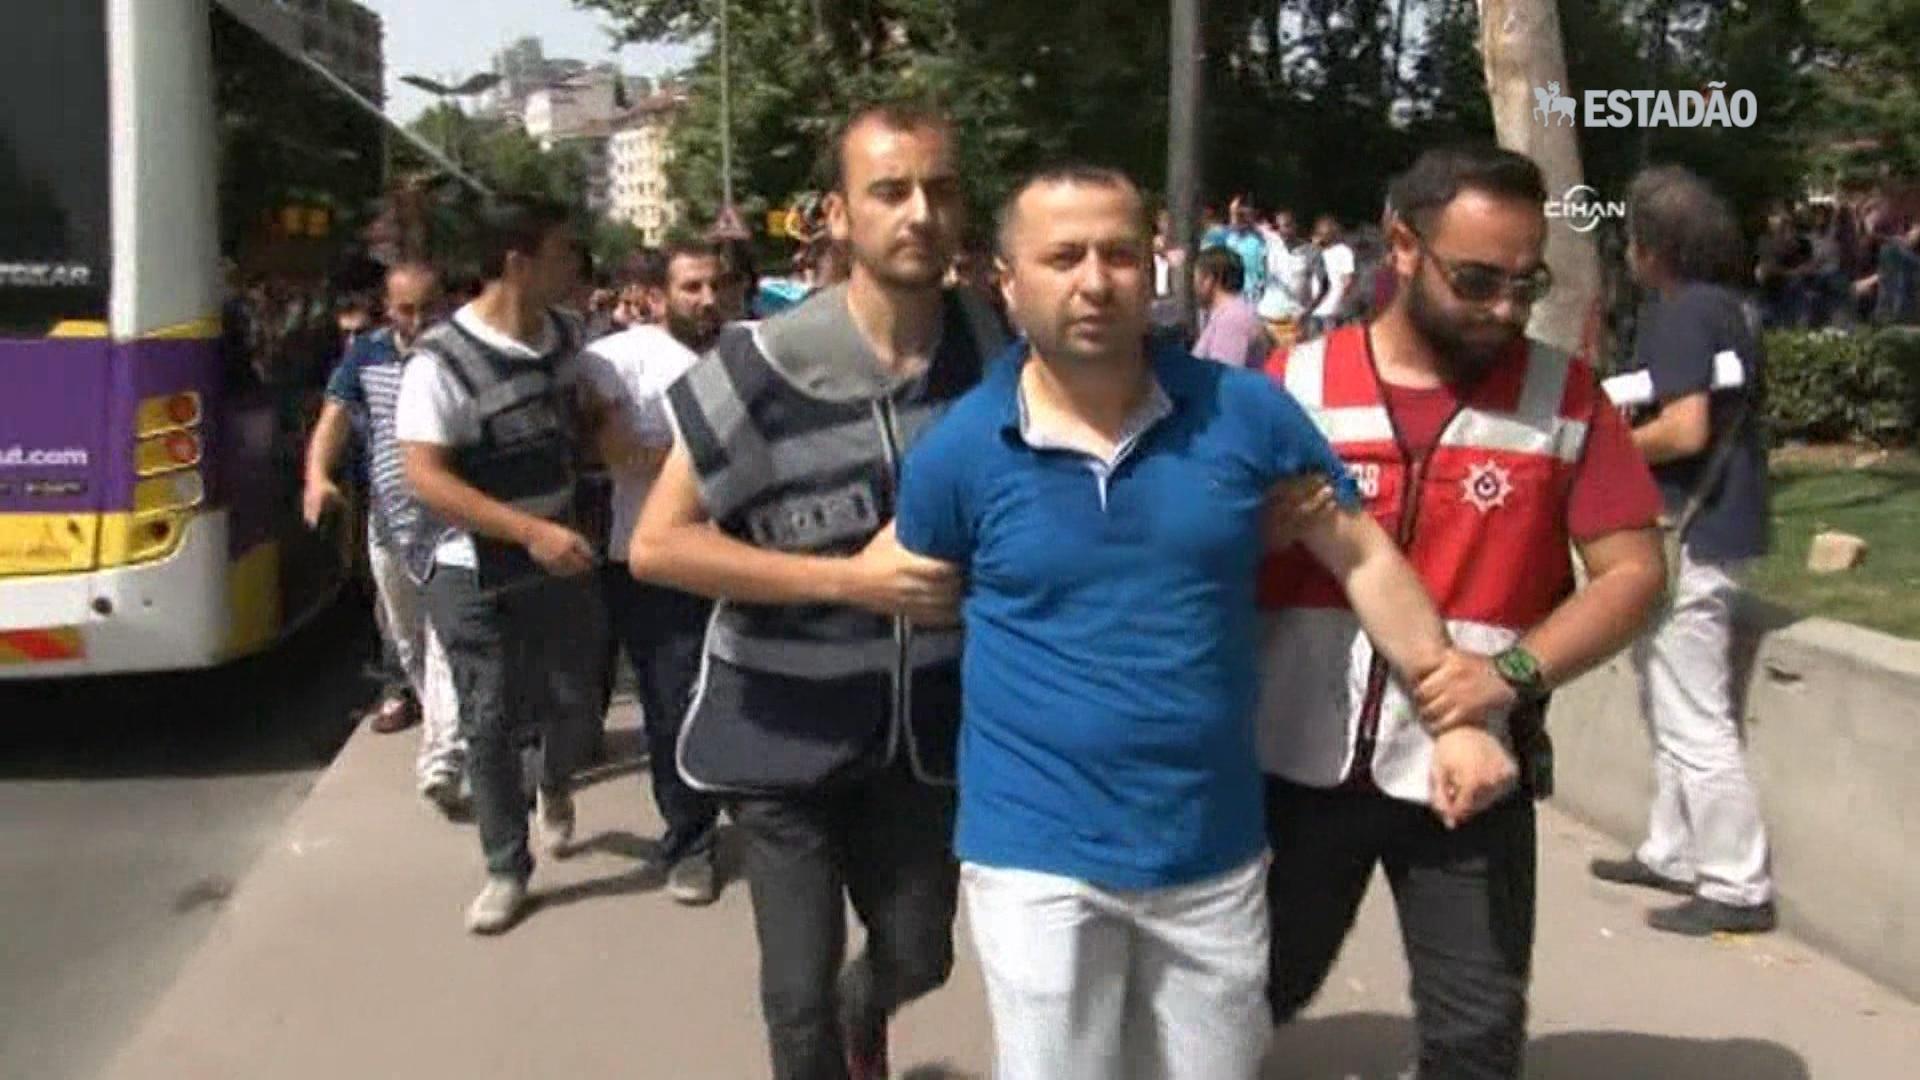 Polícia dispersa marcha gay em Istambul